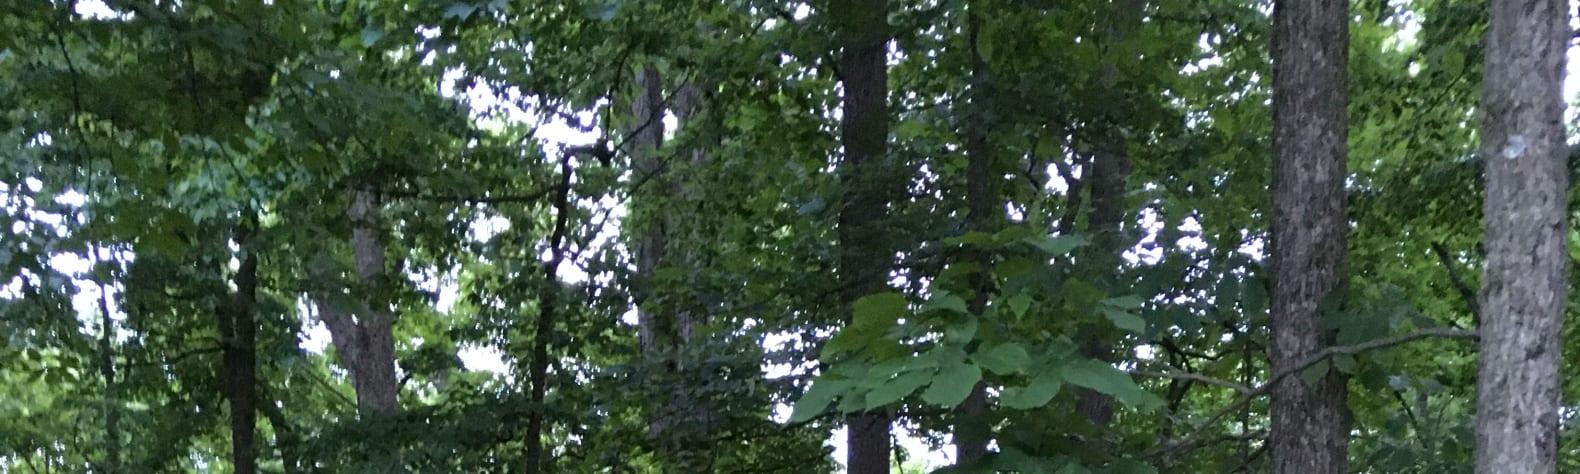 Finksburg Forest